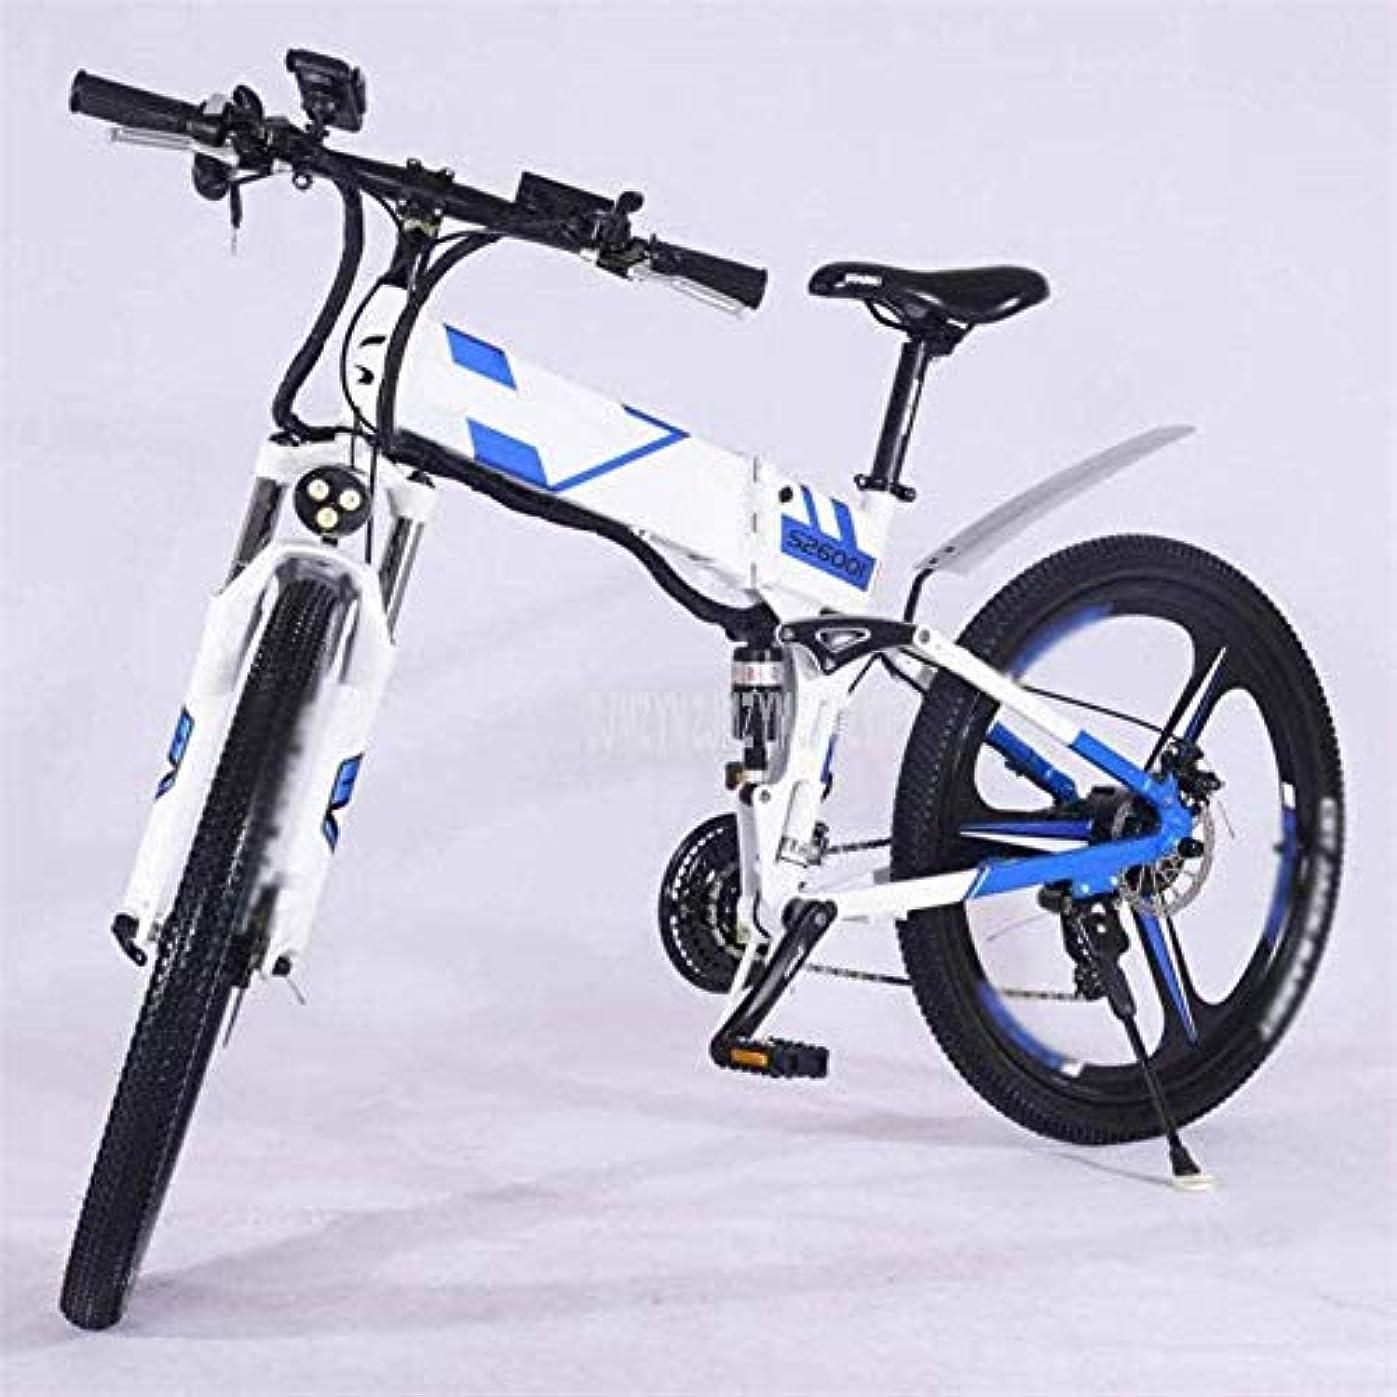 等アプライアンス内向きリーグSSeir 26インチ電動自転車折りたたみアルミ350Wシングルシート48V10.4Ah大人の山/都市やバイクのバッテリー